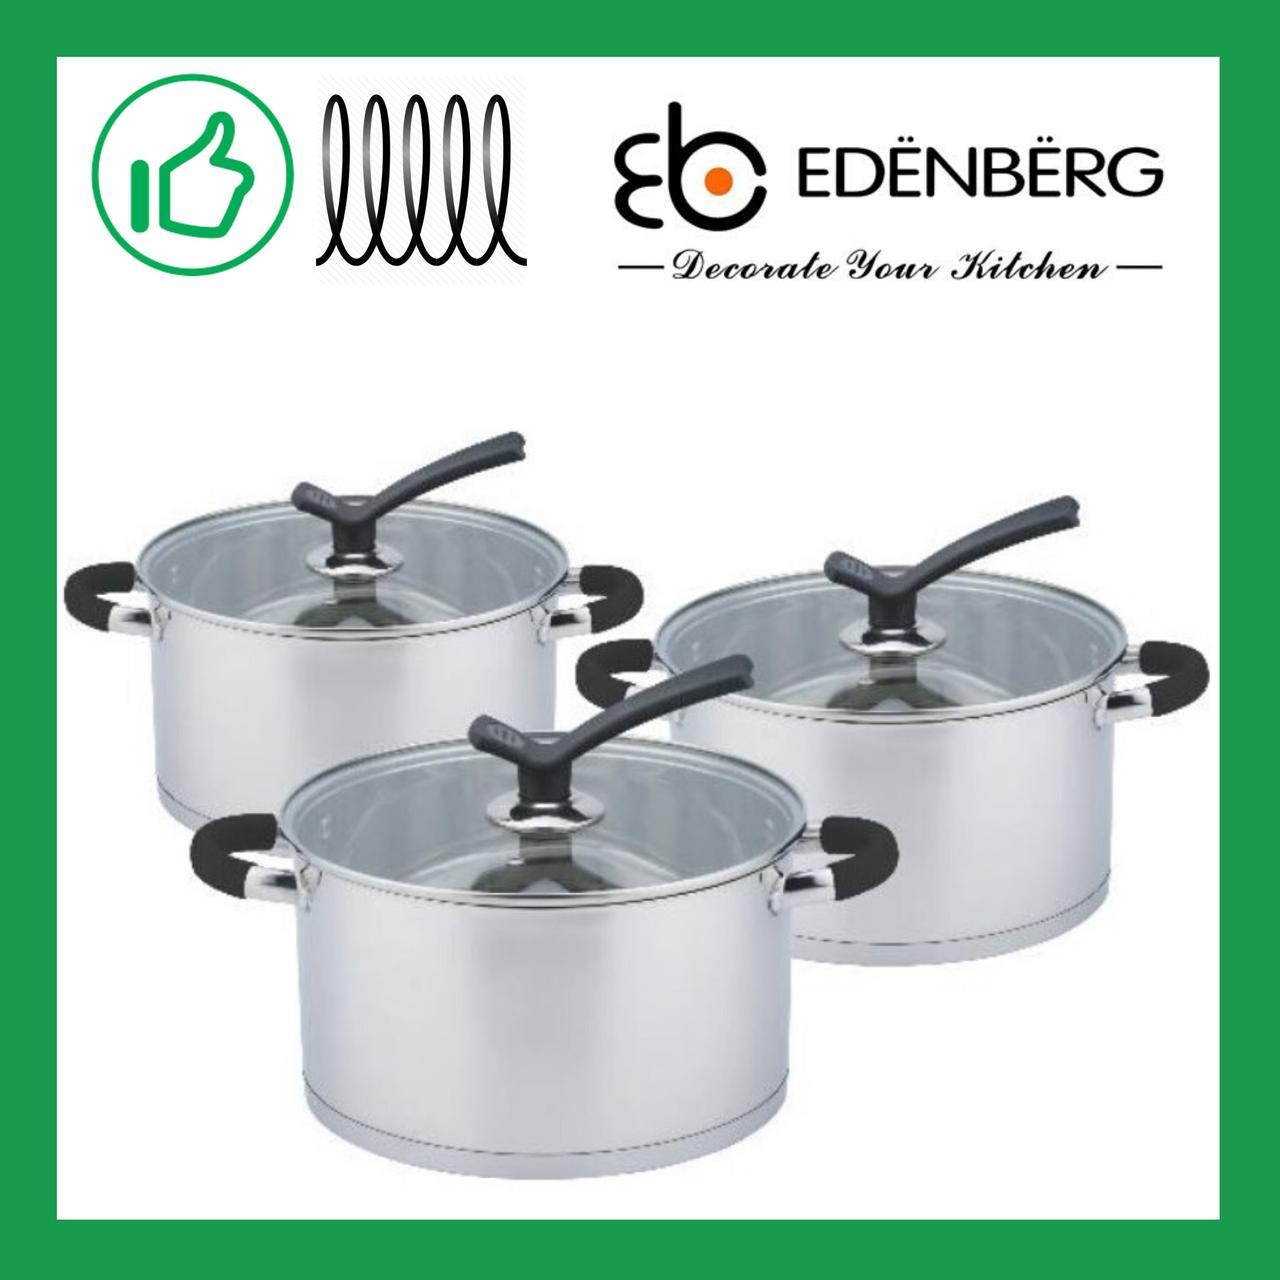 Набор кастрюль из нержавеющей стали Edenberg 6 предметов (EB-3711)